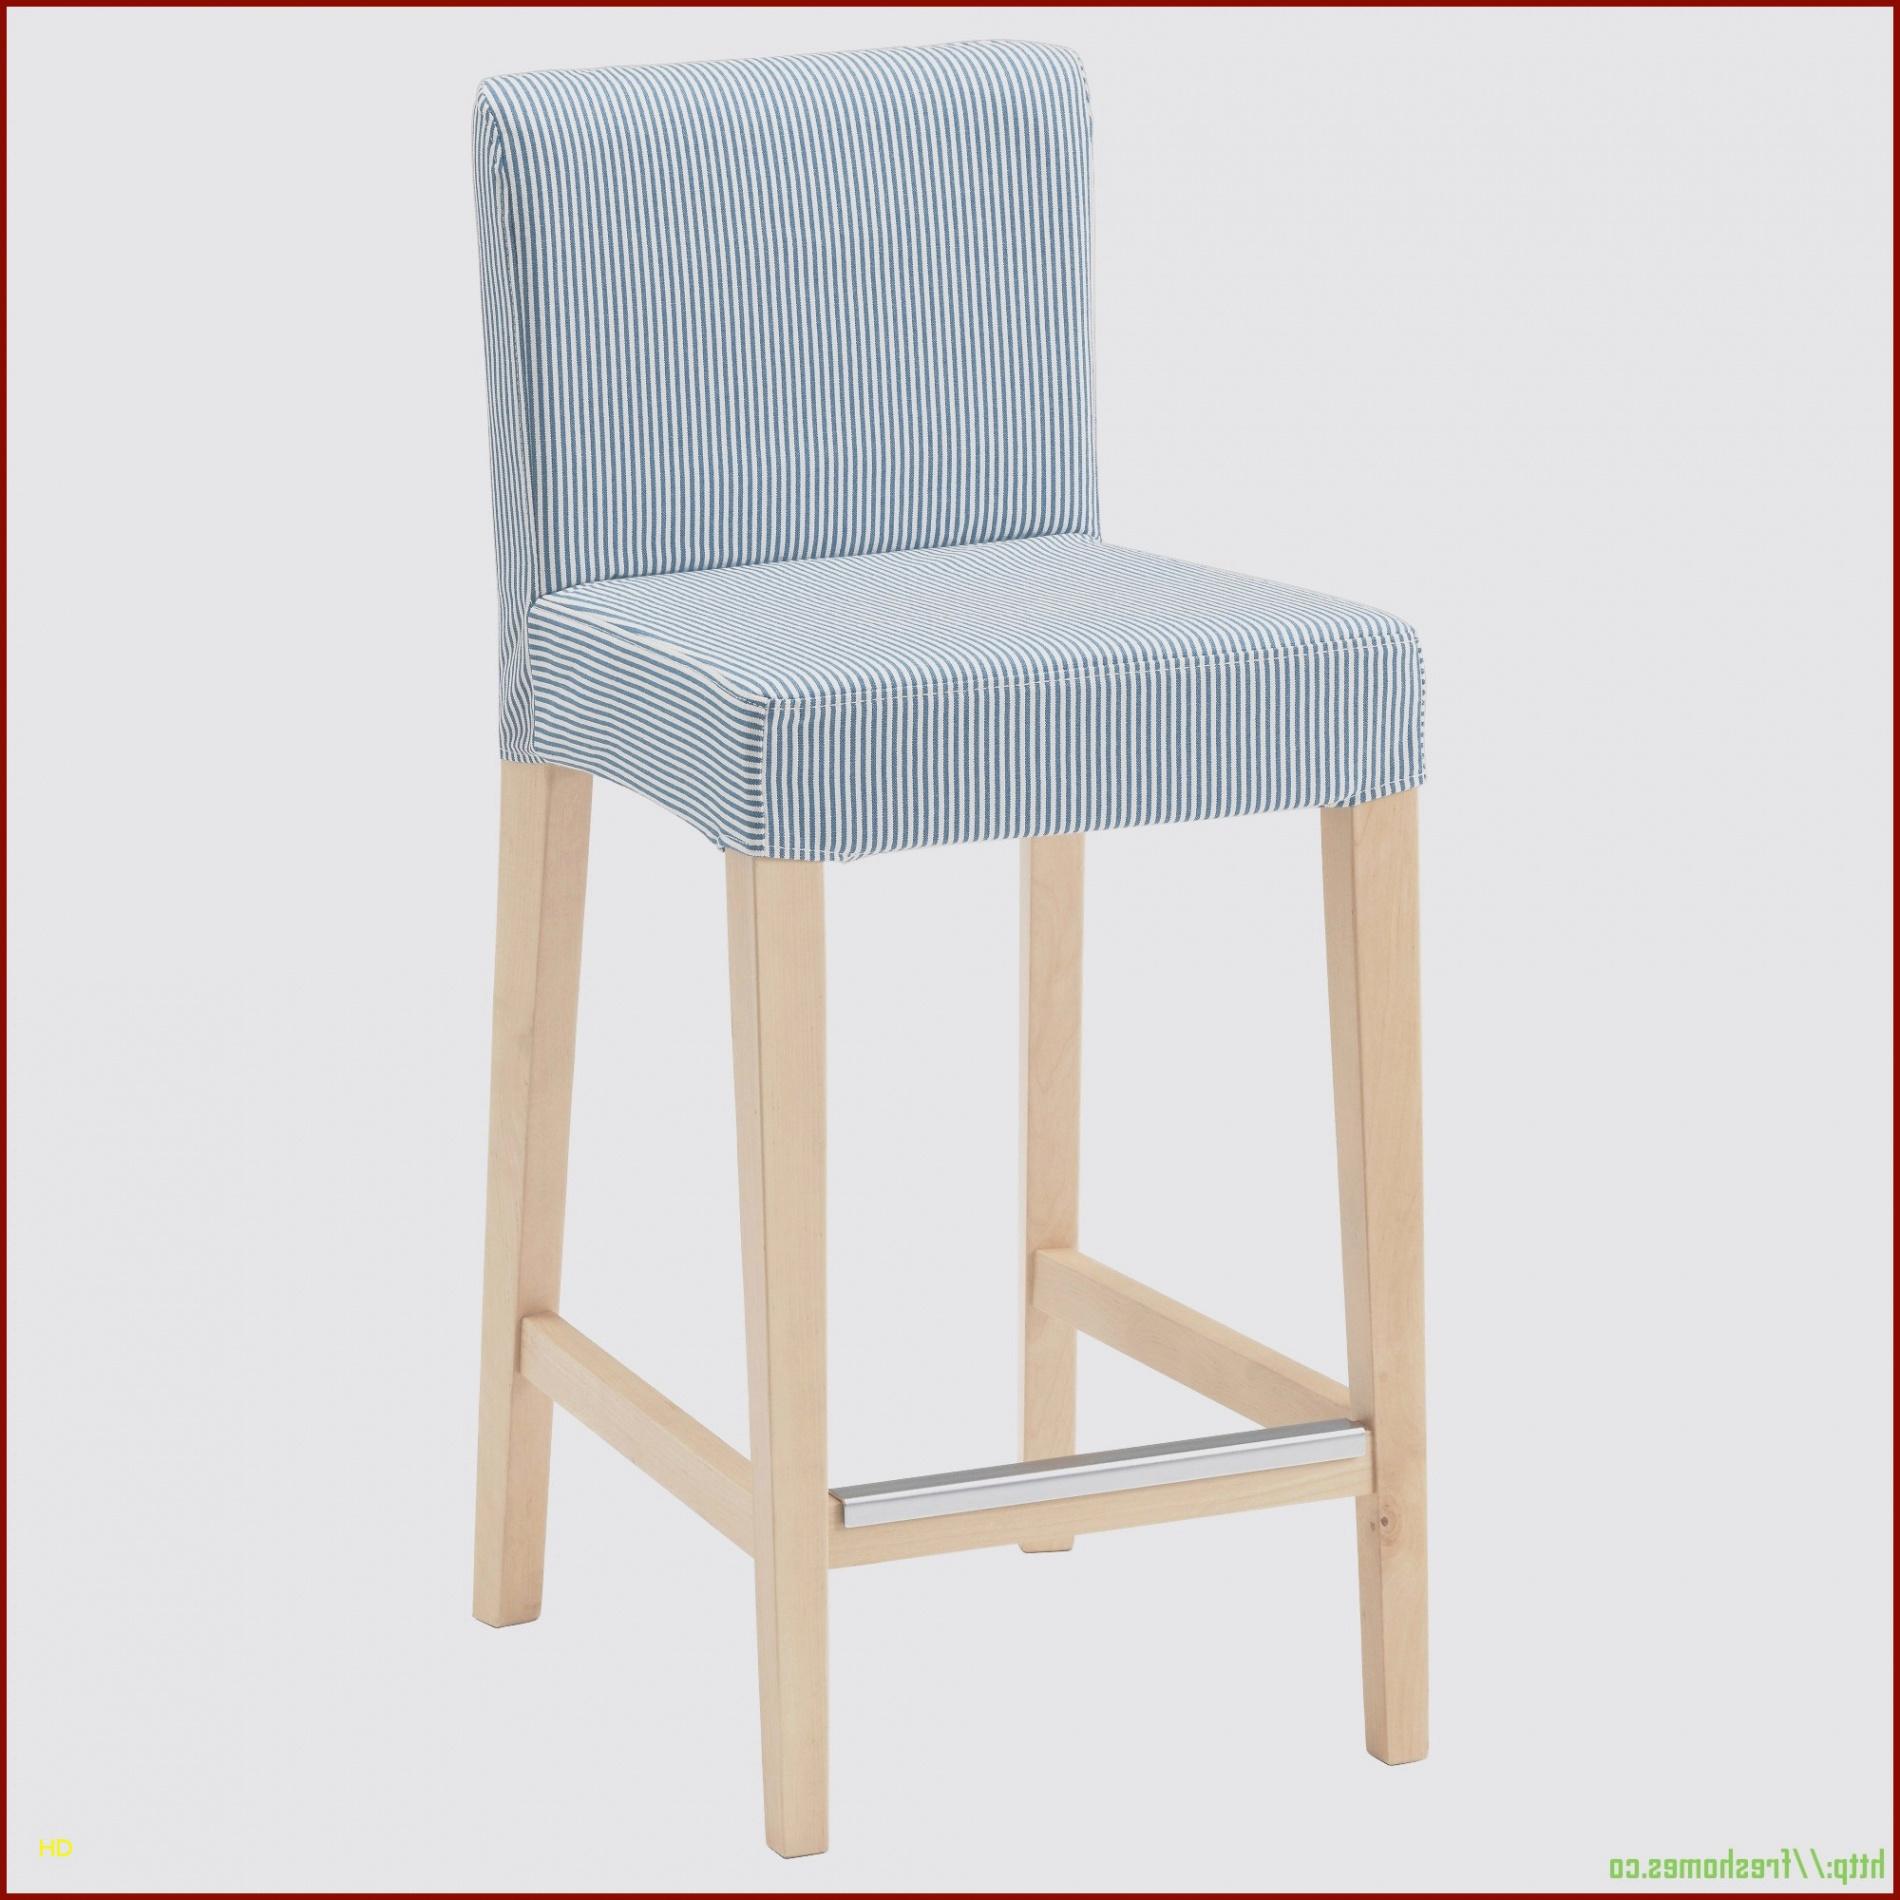 cuisine bois brut ikea source dinspiration chaise bois massif chaise blanche 0d beau de chaise of cuisine bois brut ikea